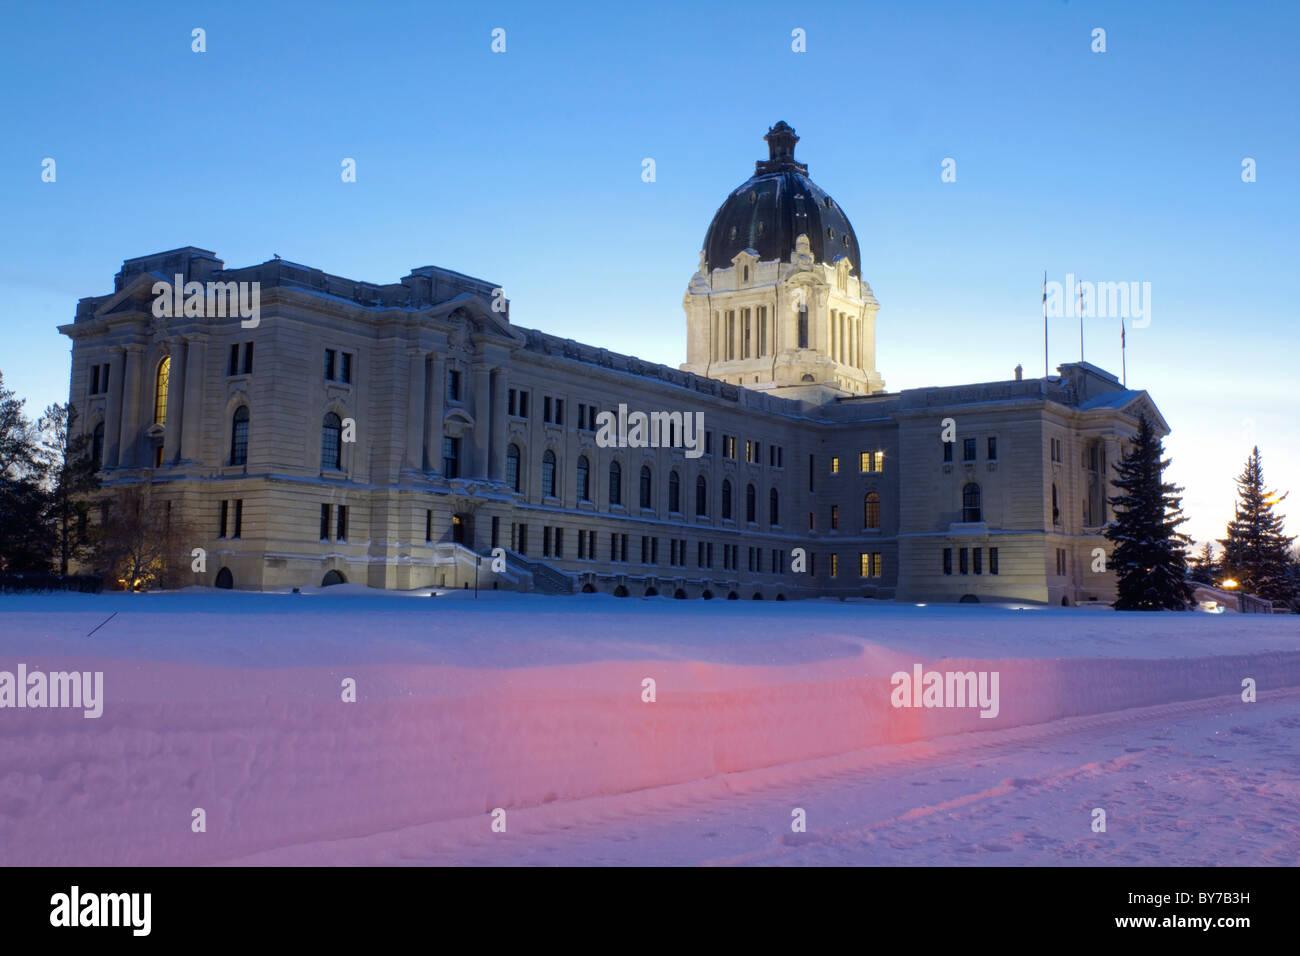 Saskatchewan Legislative Building - Stock Image